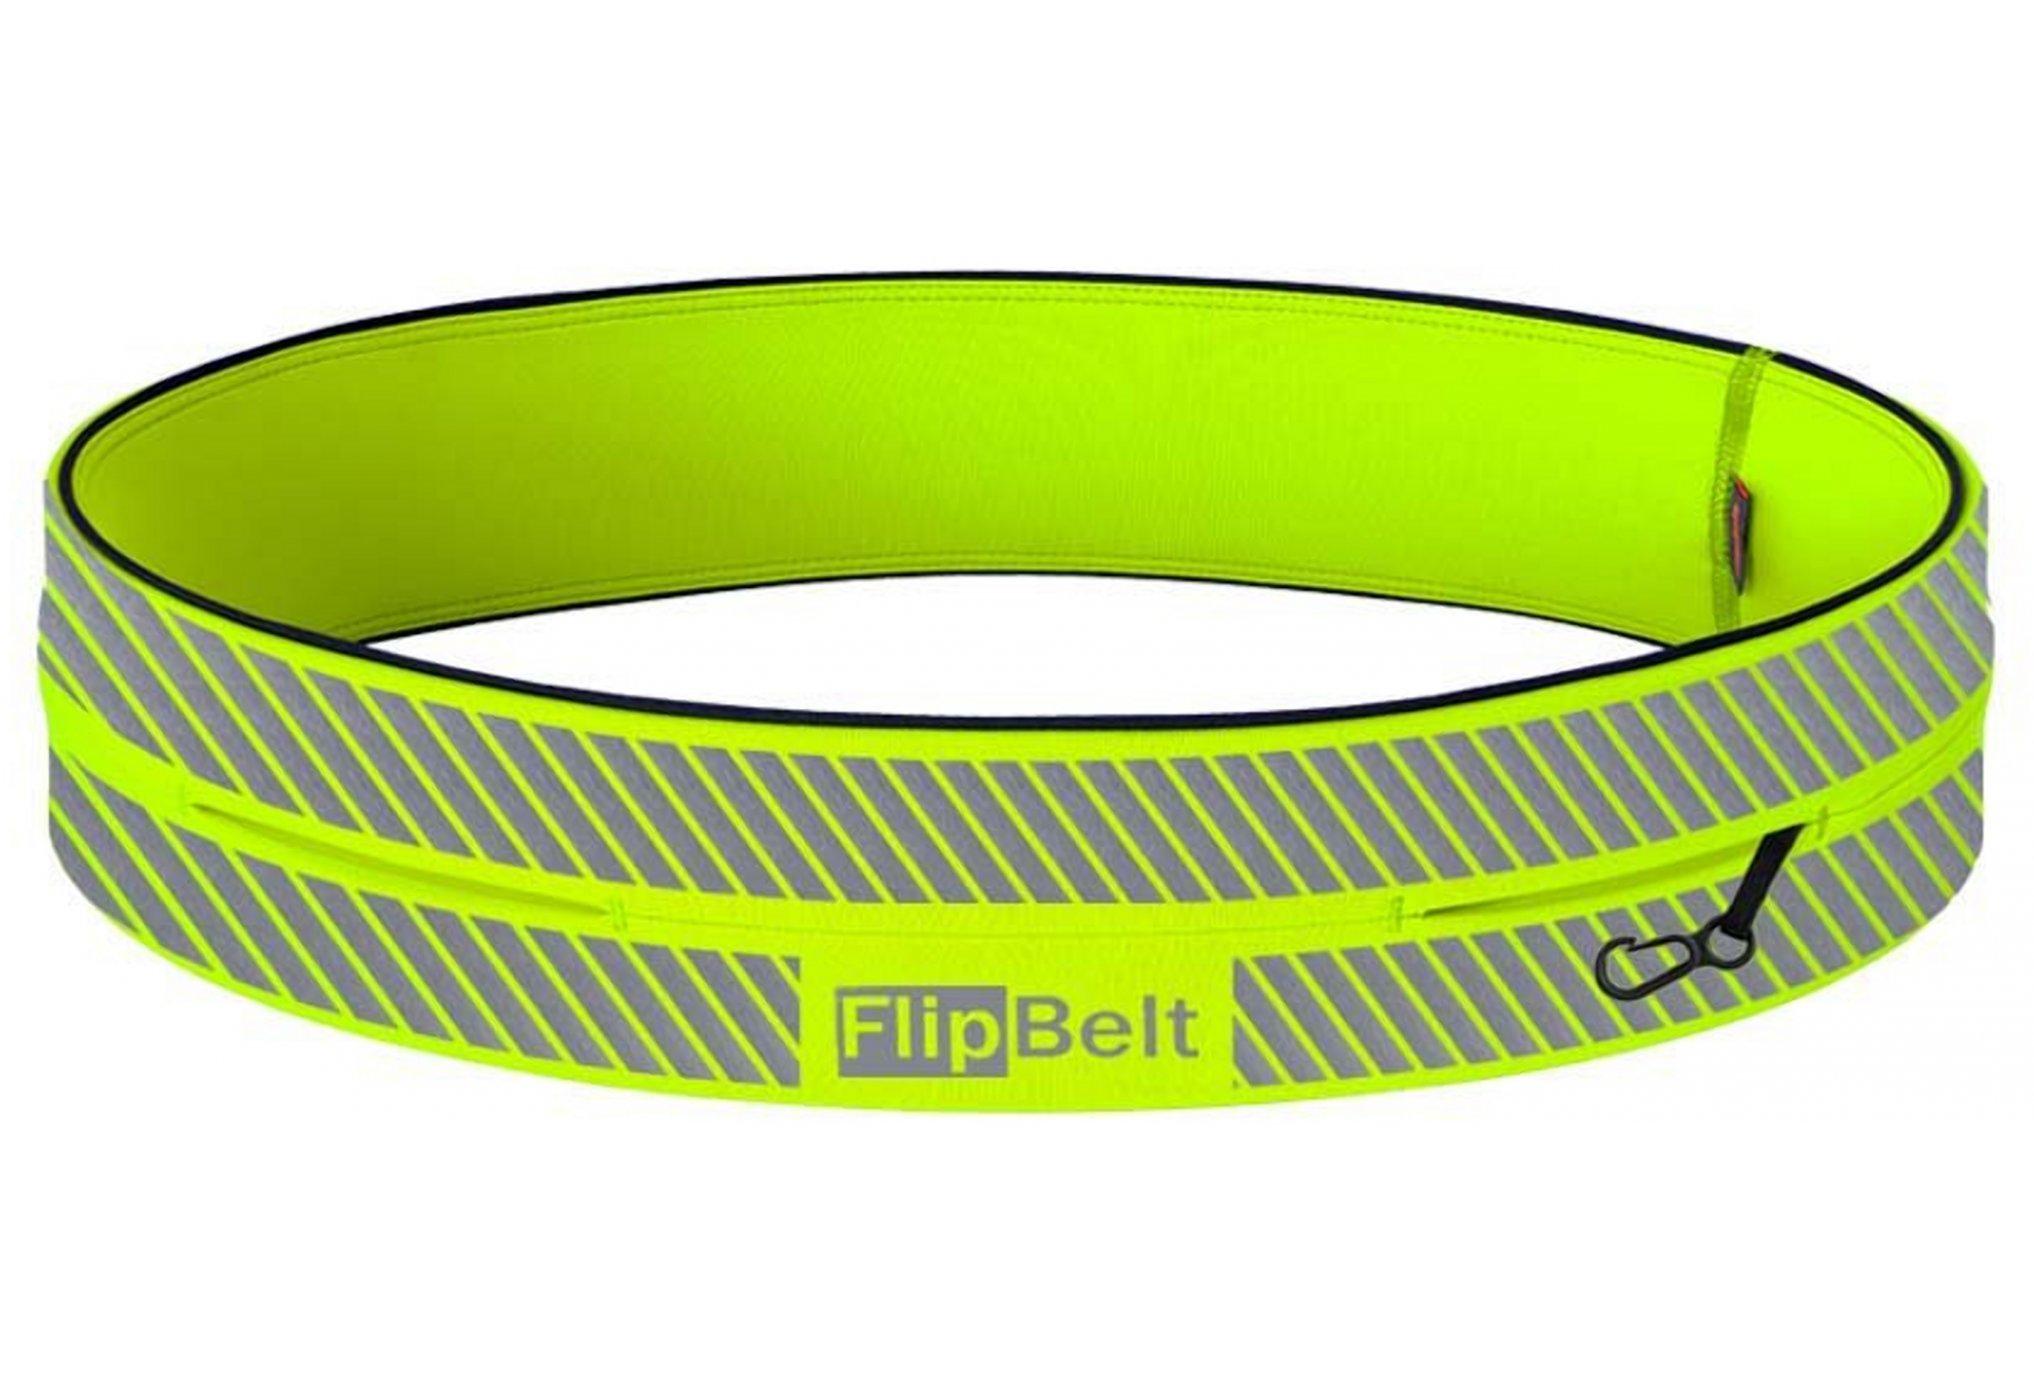 FlipBelt FlipBelt Reflective Ceinture / porte dossard